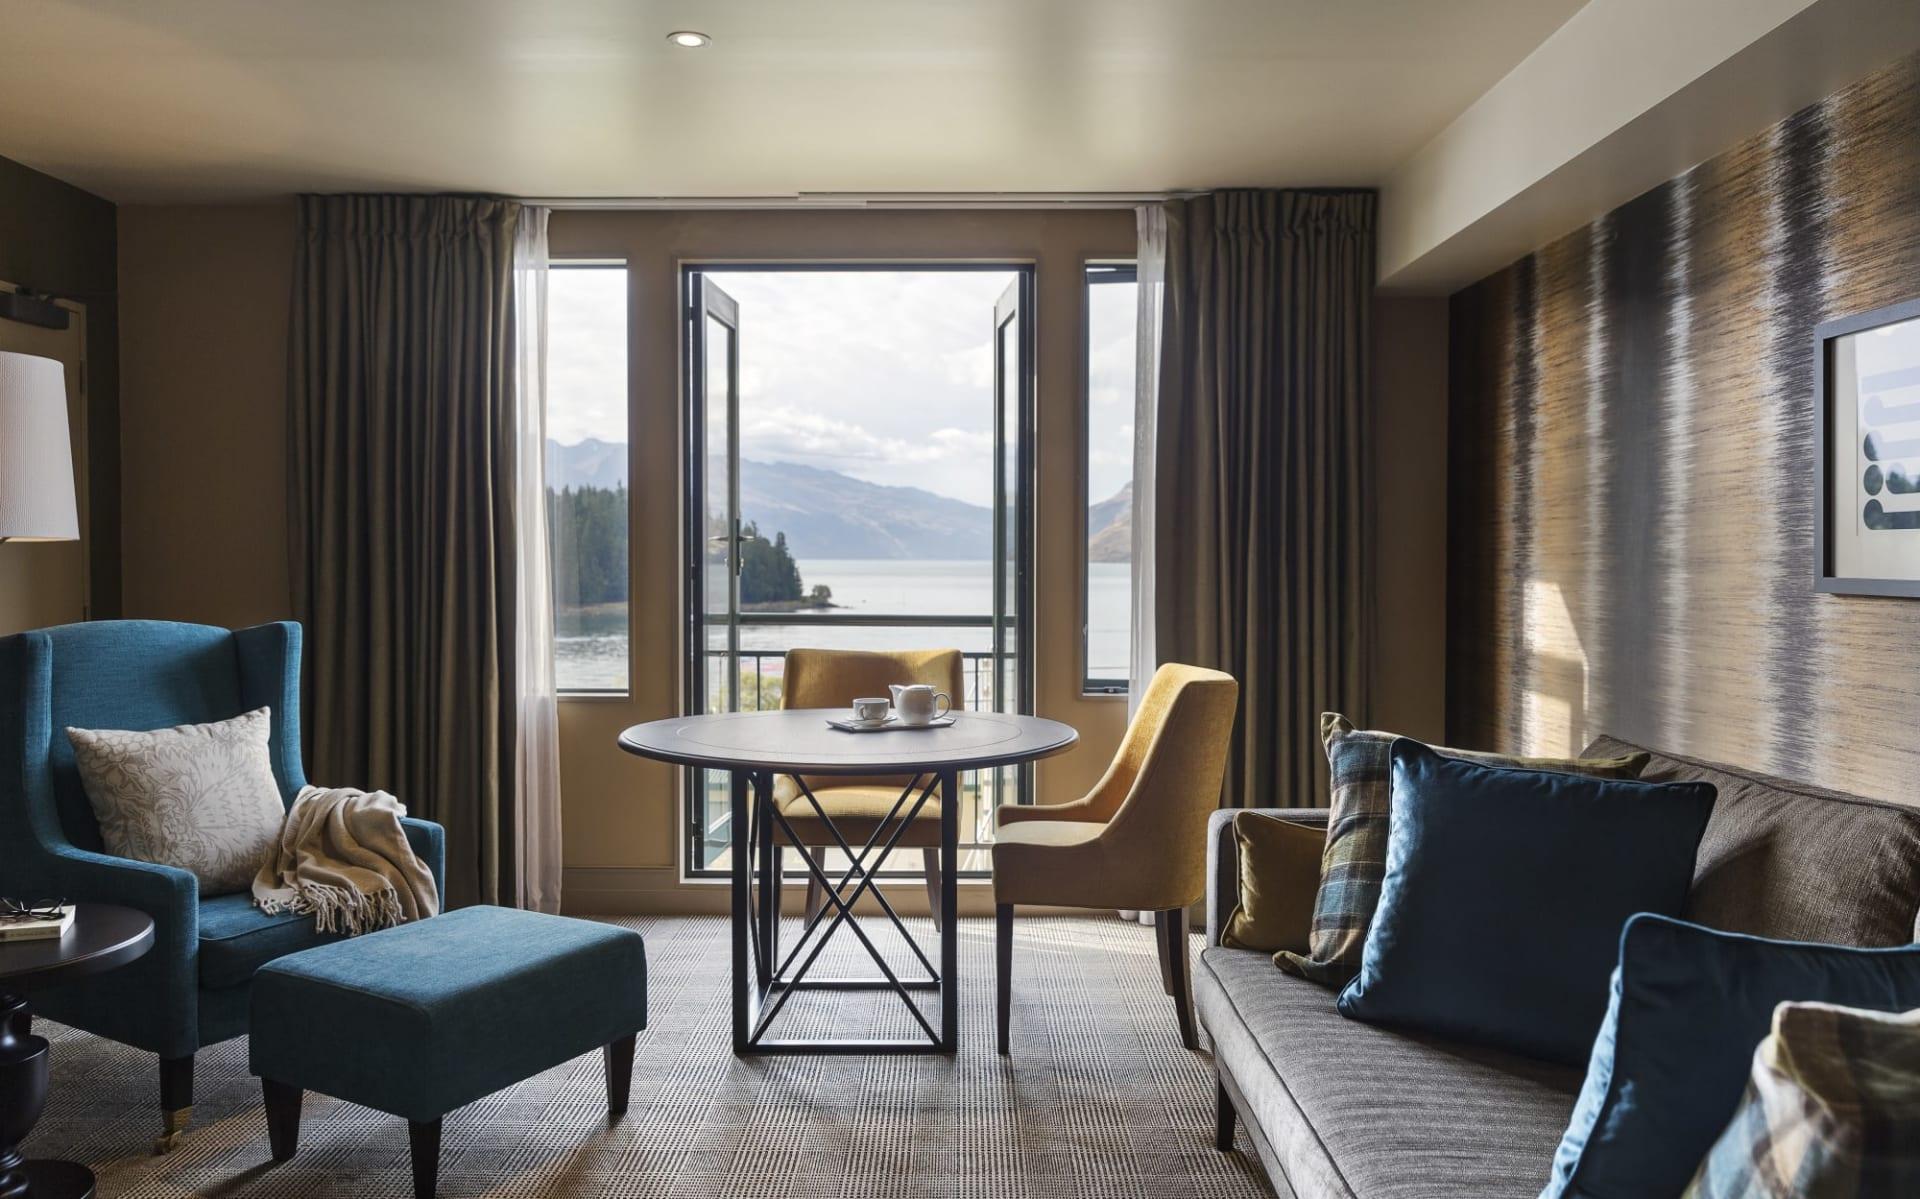 Hotel St Moritz Queenstown: 8 One Bedroom Alpine Suite Lake View Balcony